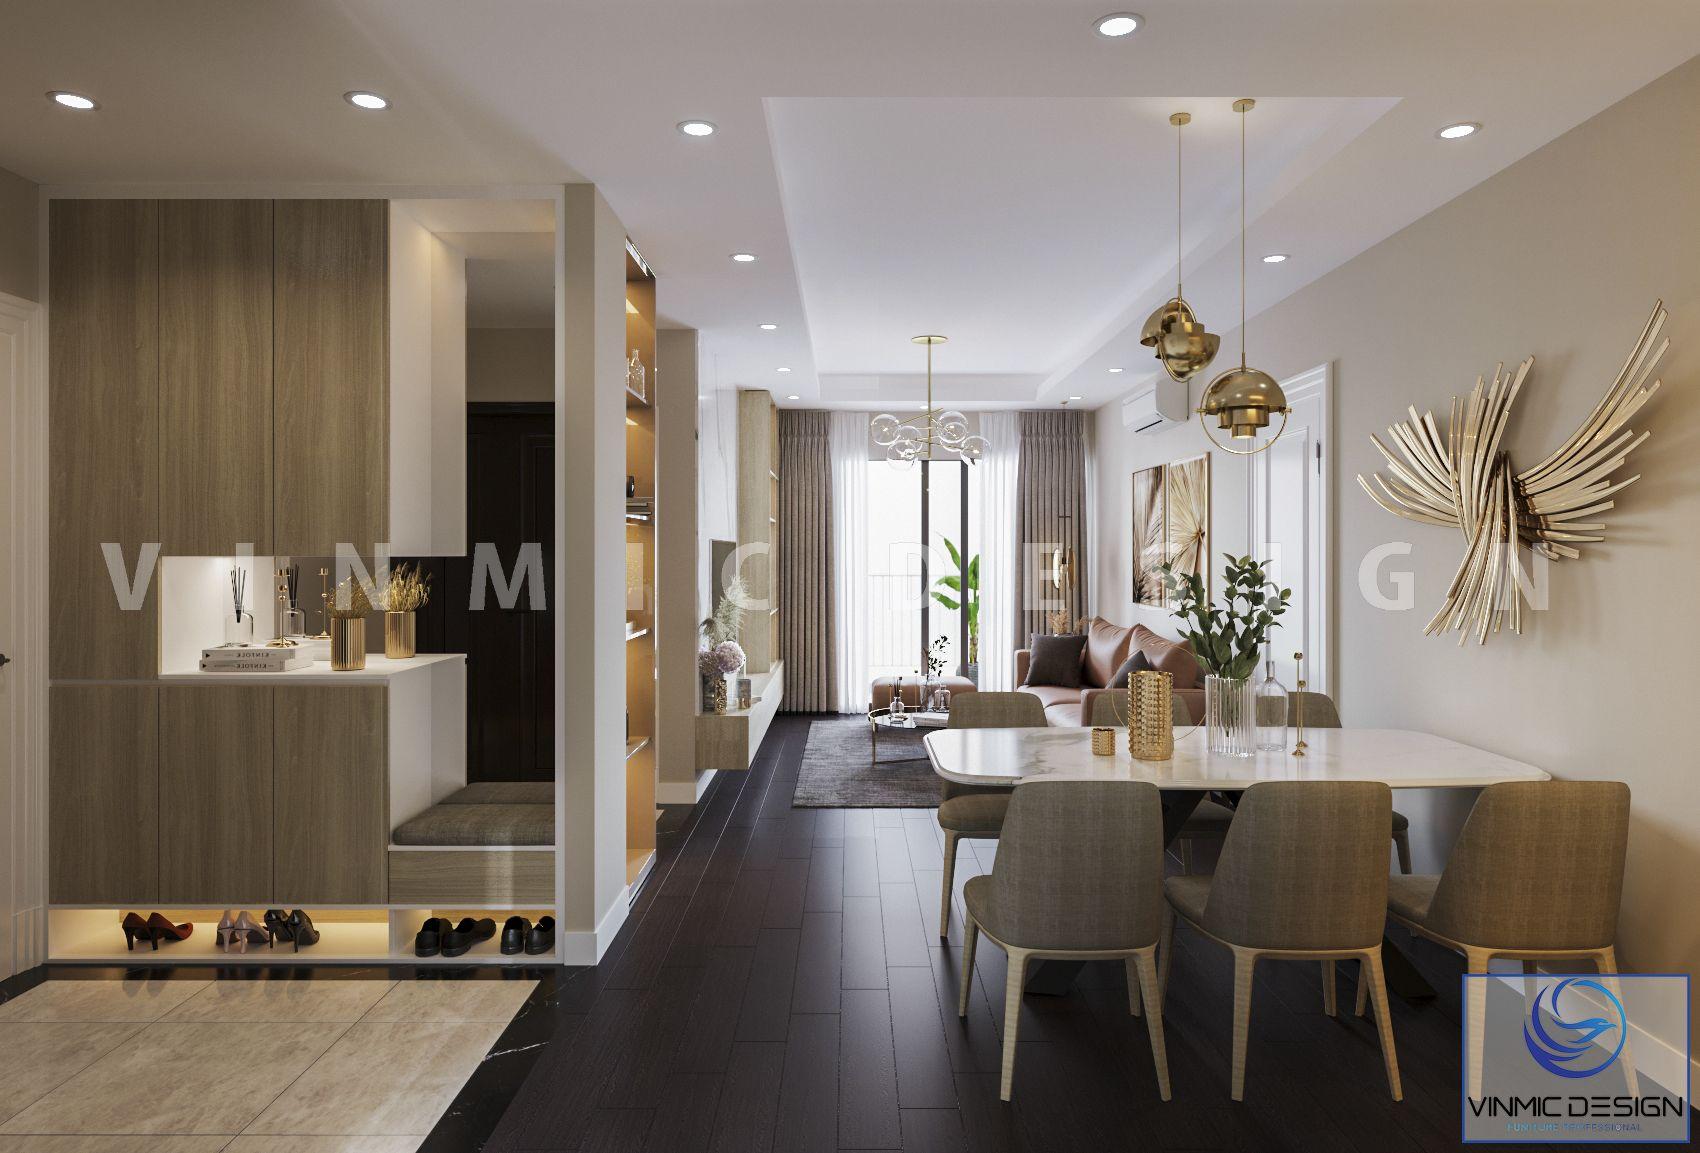 Thiết kế nội thất phòng khách được sử dụng chủ yếu bằng chất gỗ công nghiệp